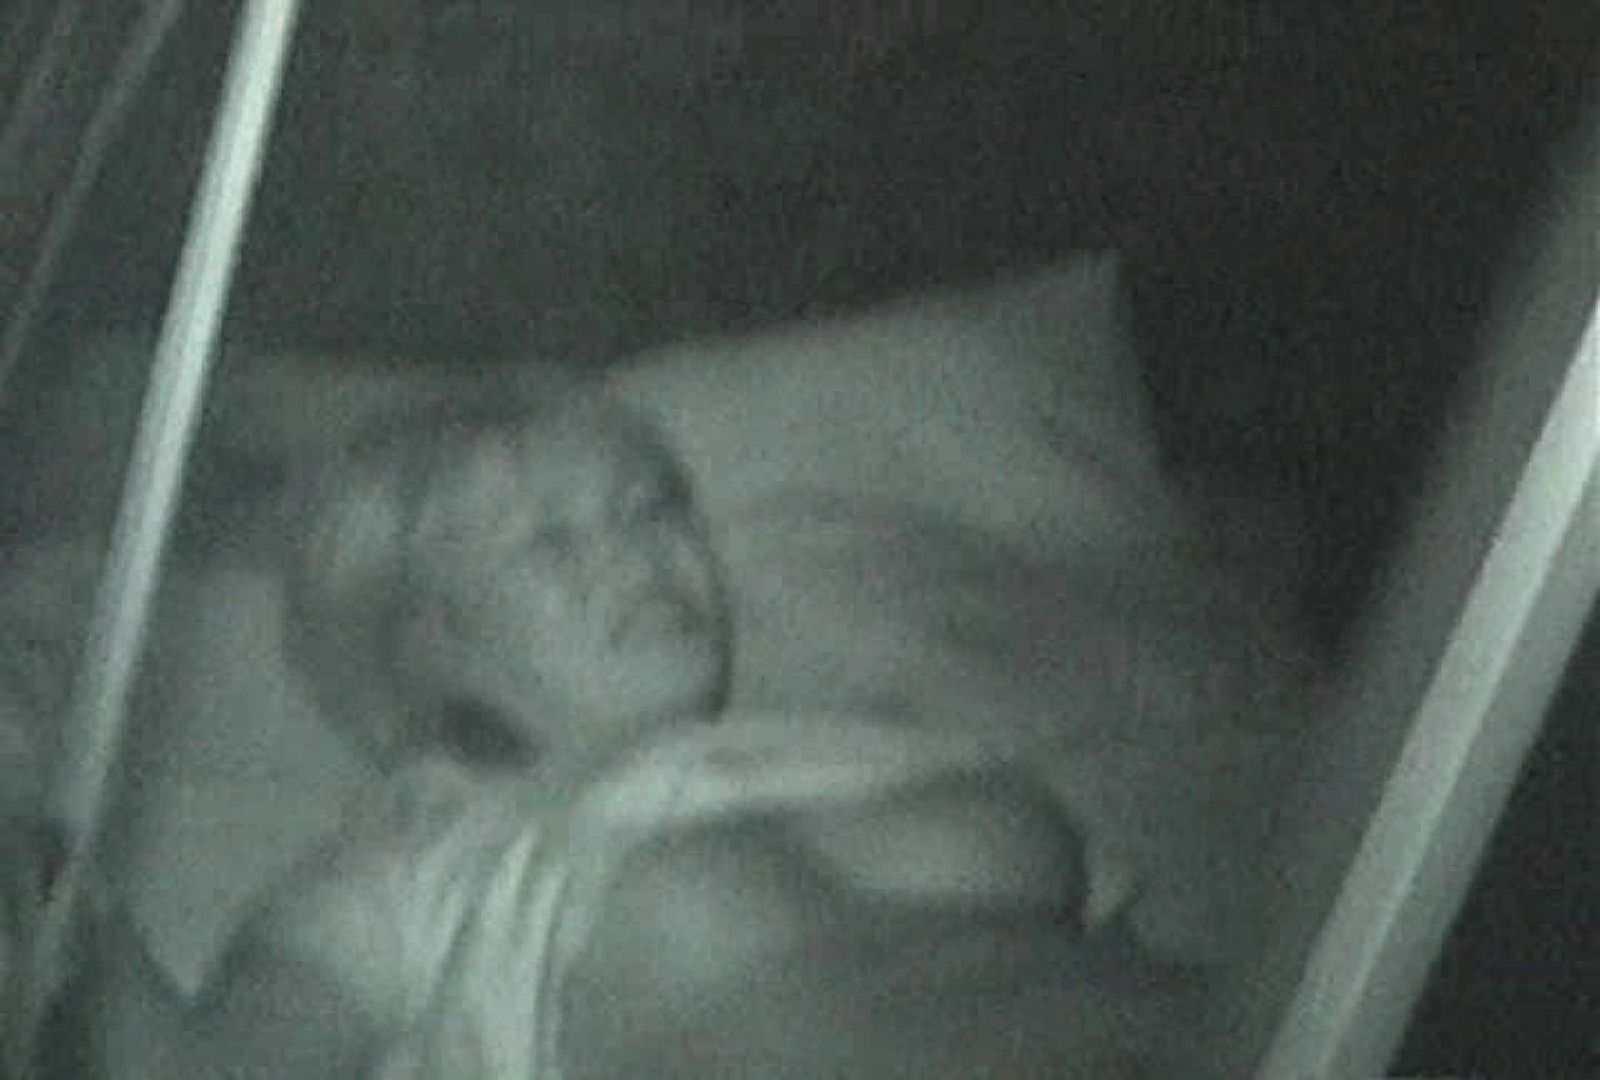 充血監督の深夜の運動会Vol.45 OLの実態 のぞき動画画像 55pic 26